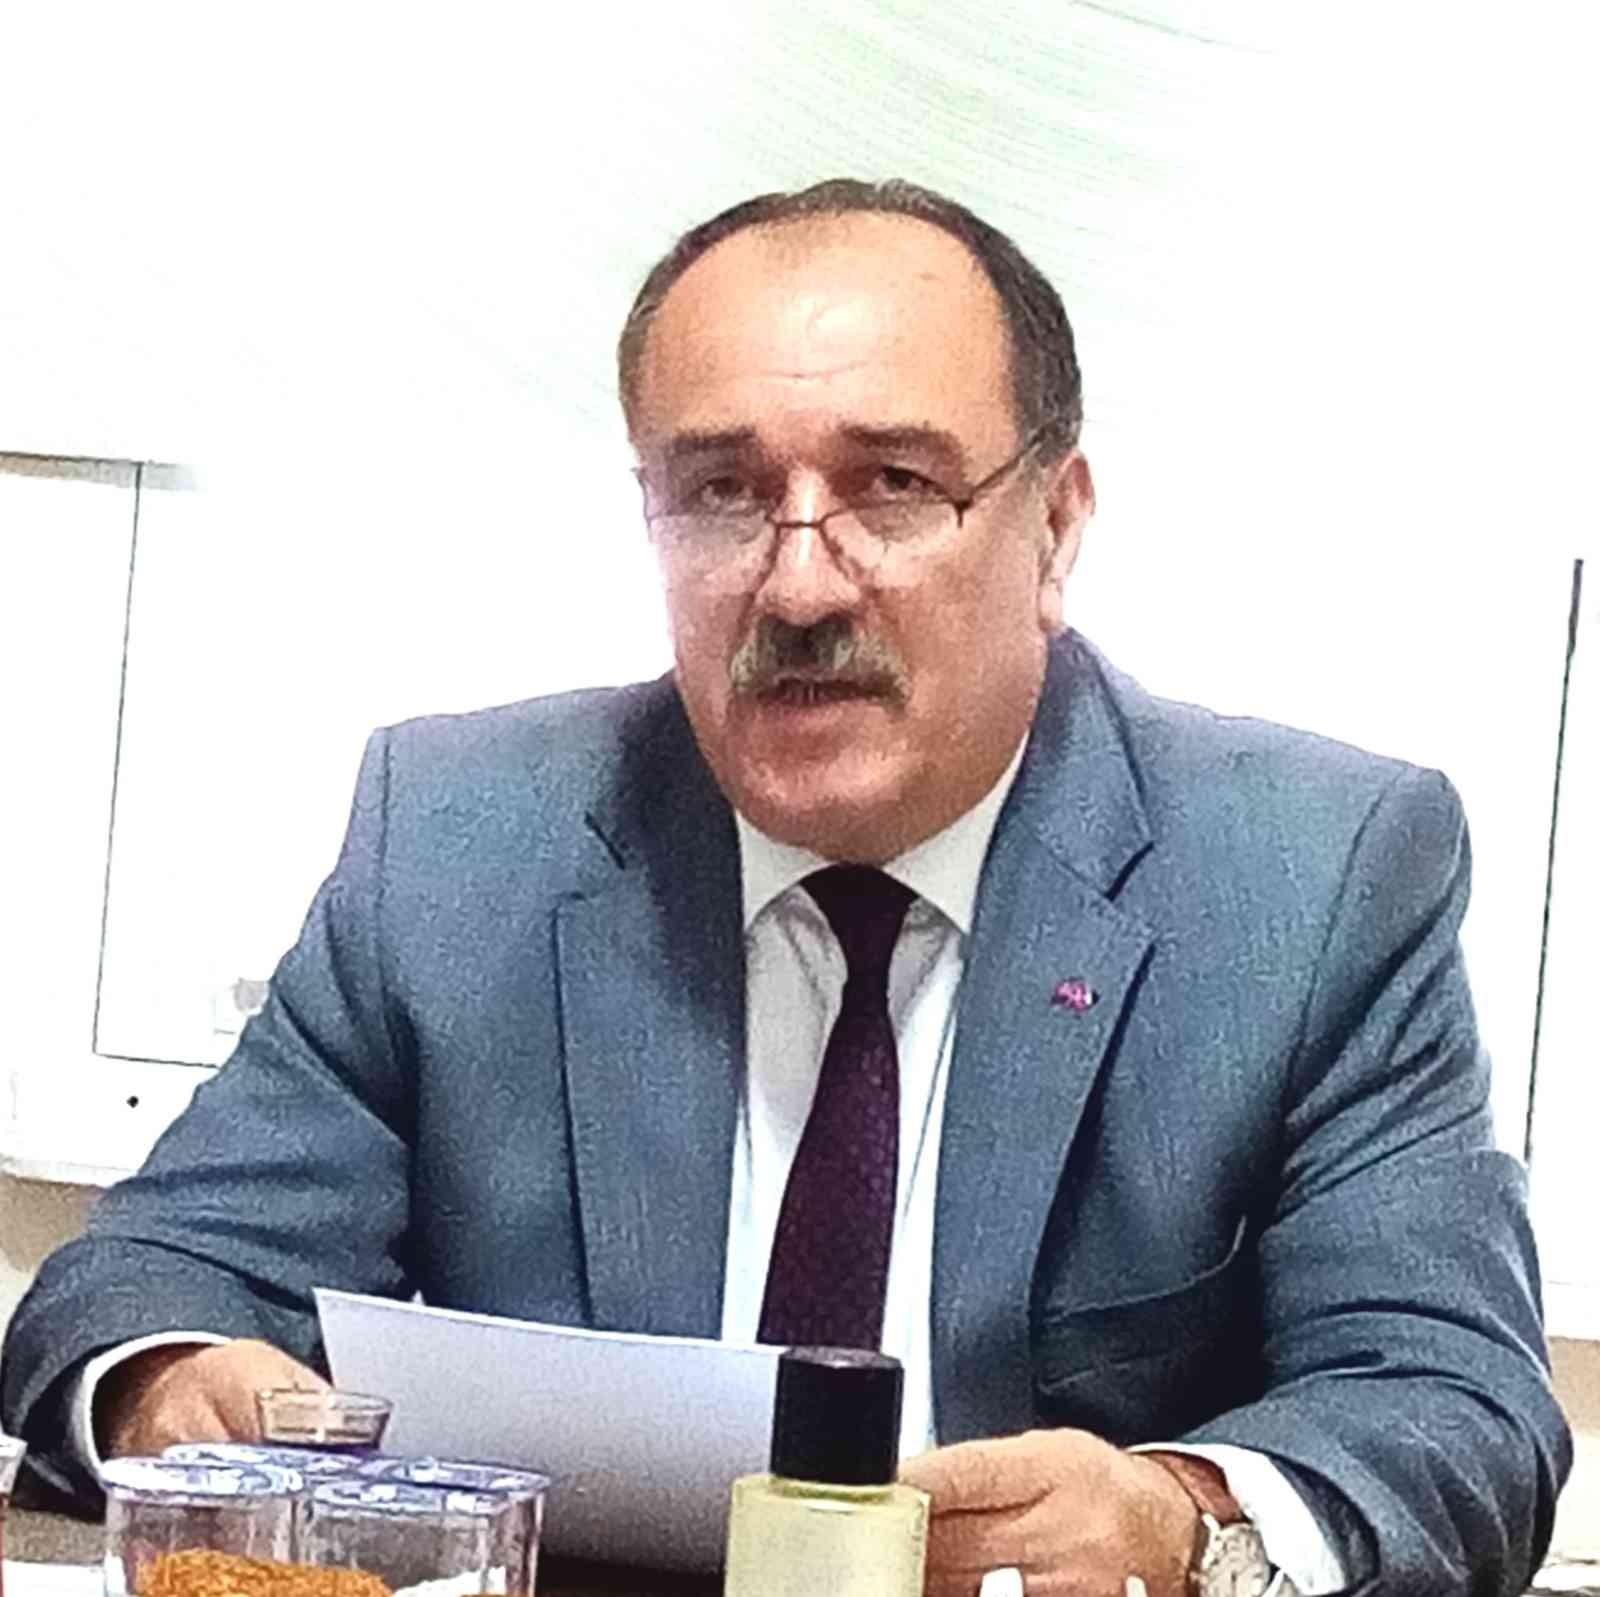 """Bozkurt: """"Türkiye'de Kürt sorunu değil, yıkıcı, bölücü terör sorunu vardır"""""""